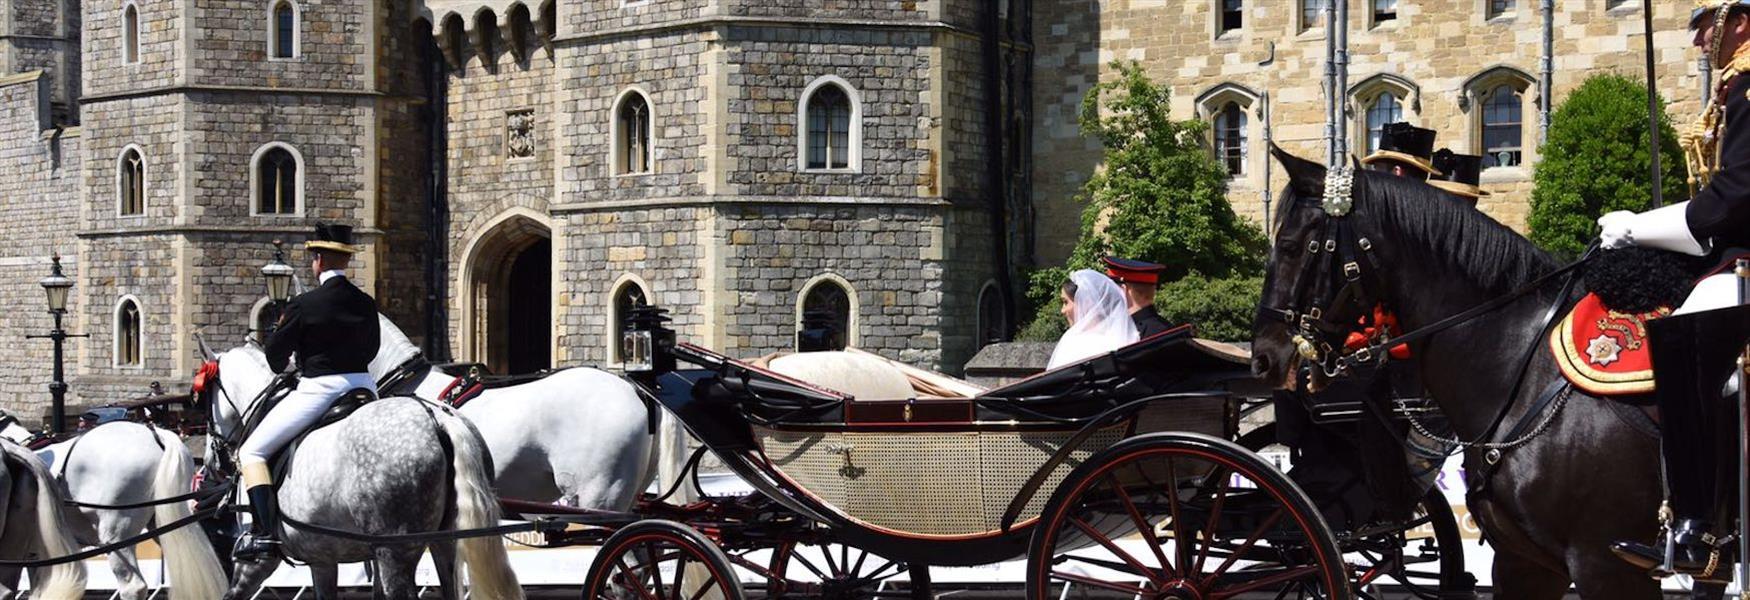 Windsor and the Royal Wedding - Visit Windsor